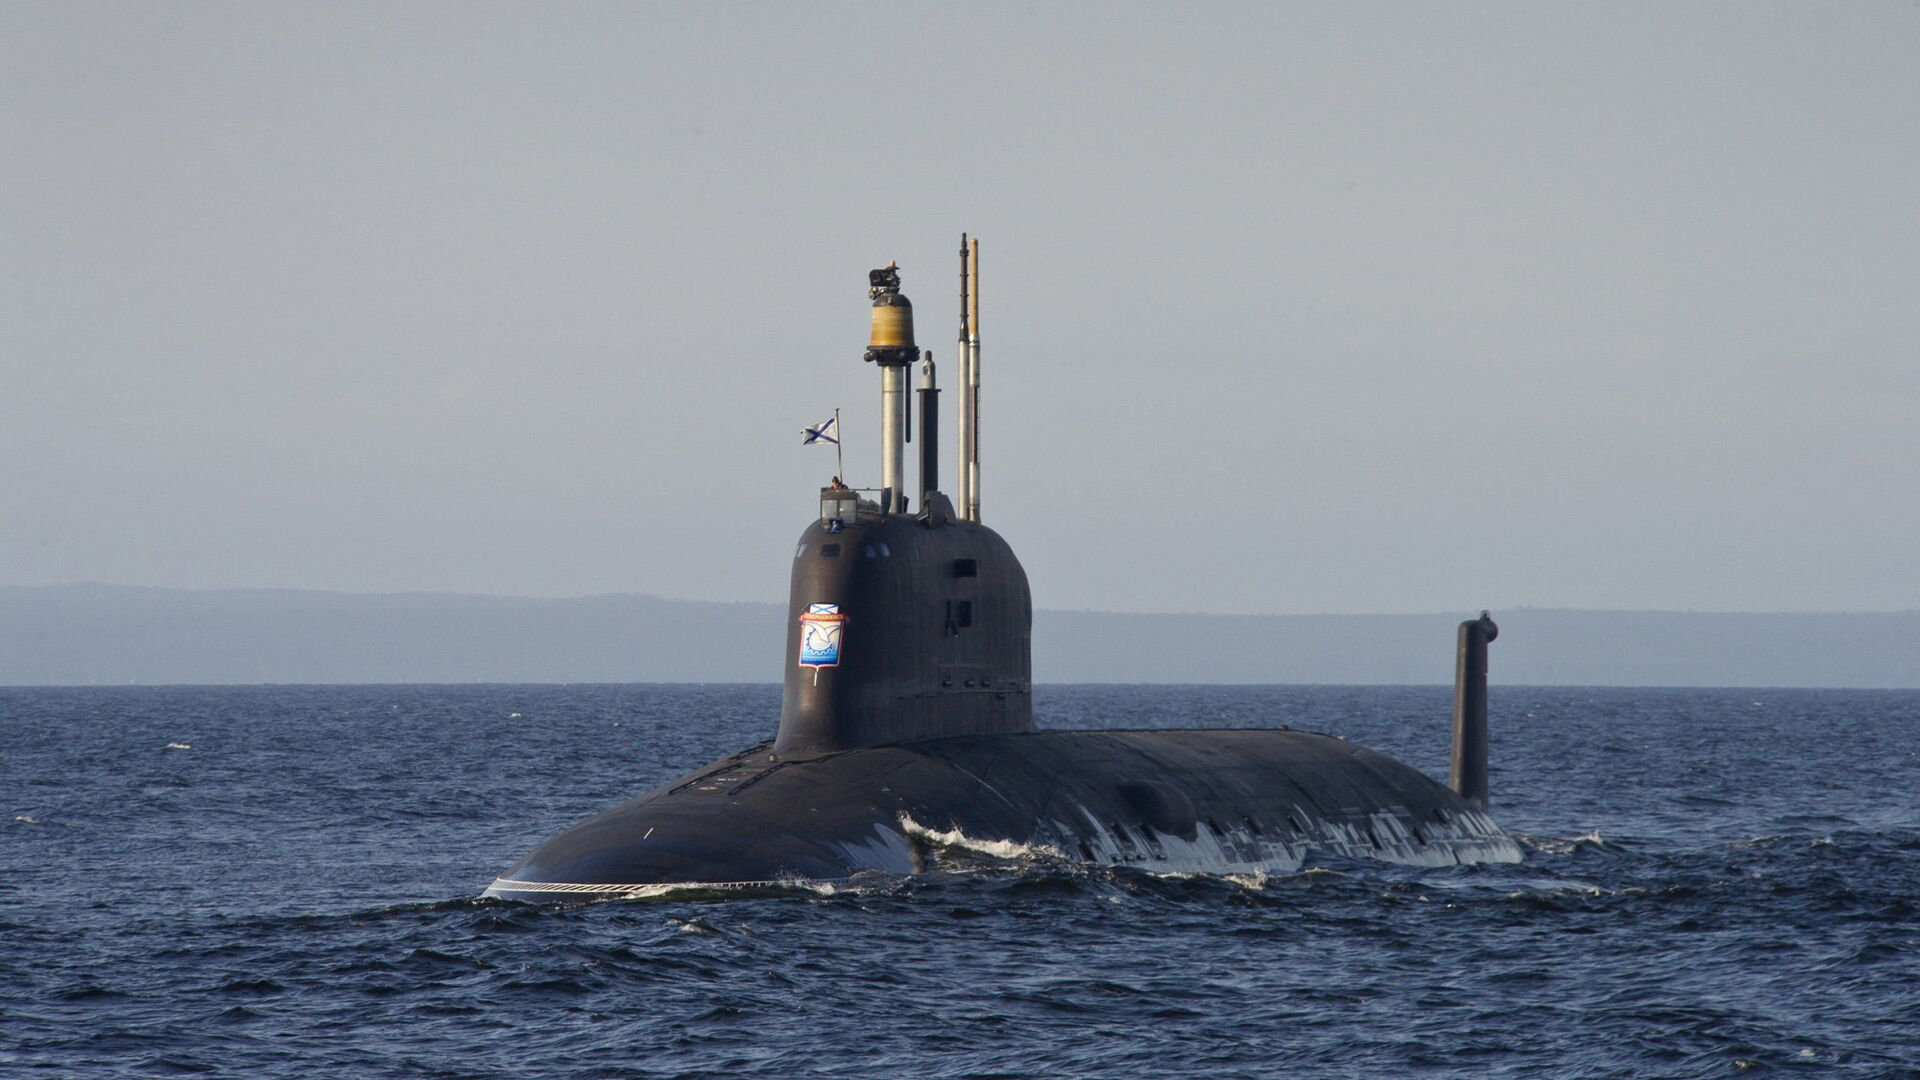 Подводная лодка проекта Ясень-М - РИА Новости, 1920, 25.07.2021